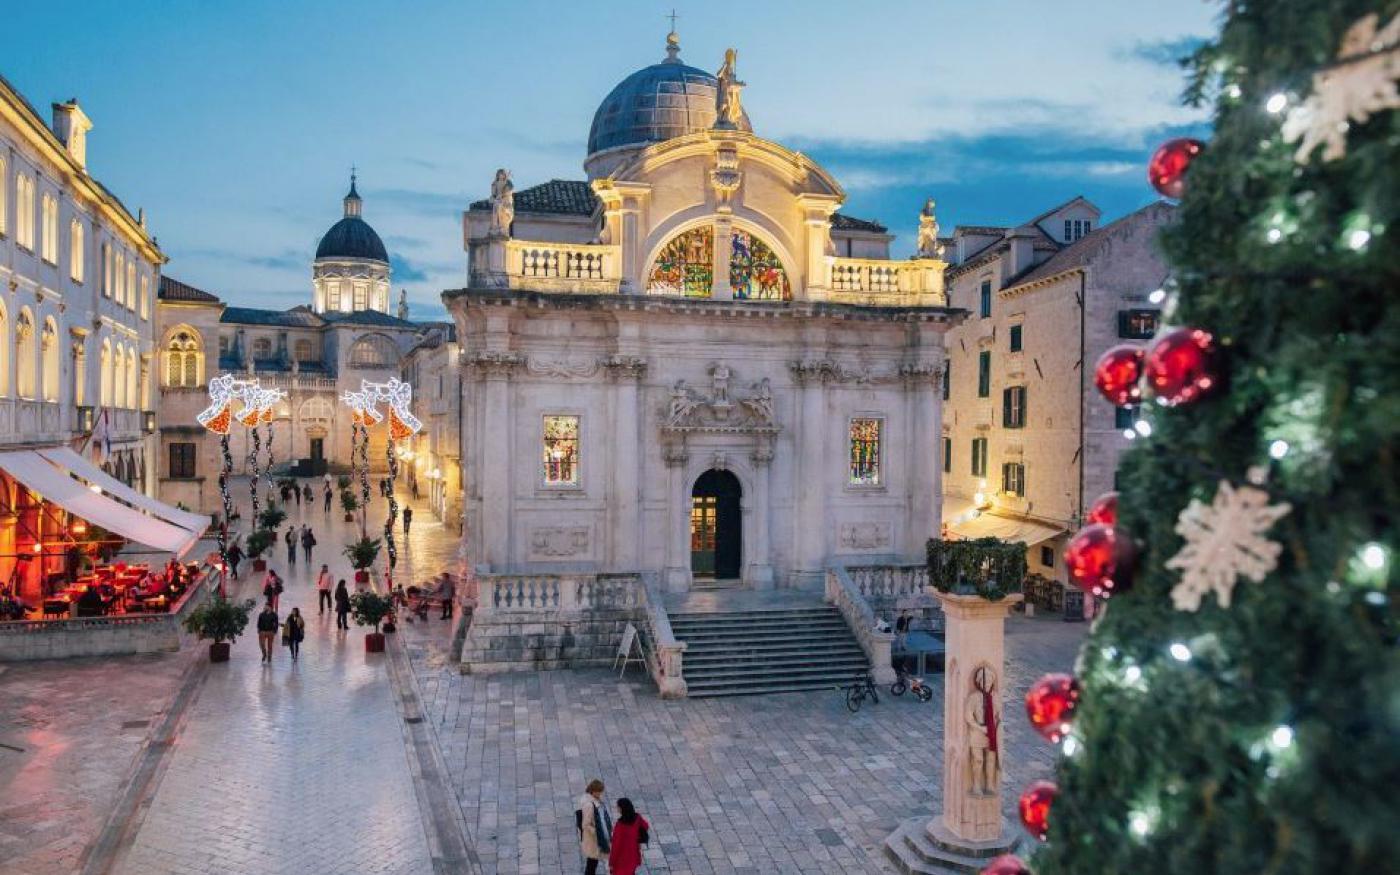 Beleef een betoverende kerst in Kroatië